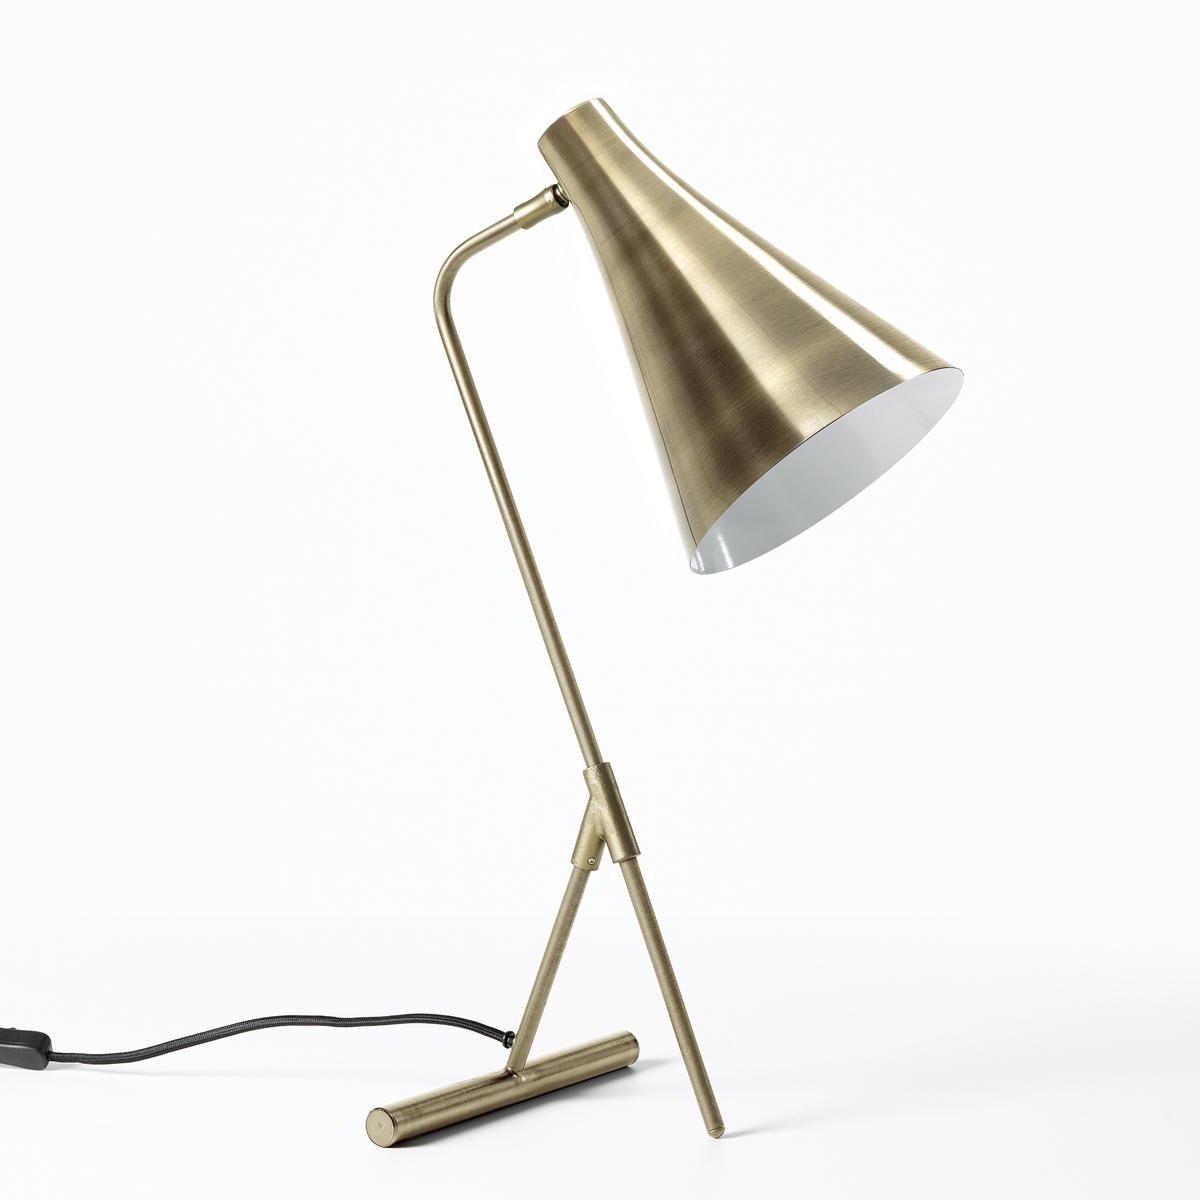 Лампа настольная из металла с отделкой состаренной бронзой, Jameson бра из черного металла и металла с отделкой под латунь elori